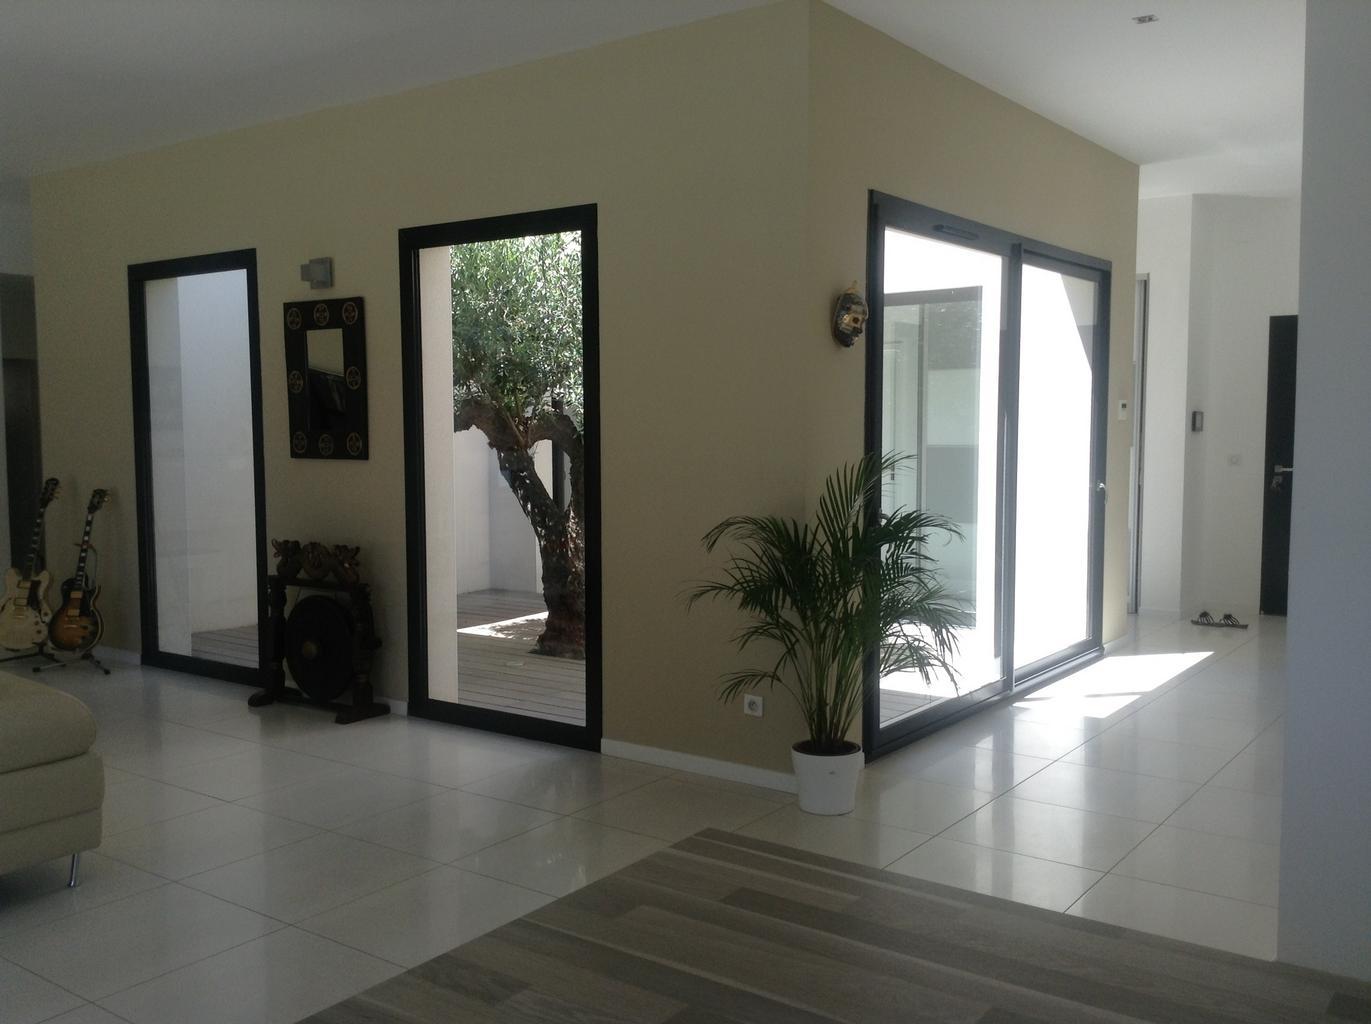 bývanie, interiér